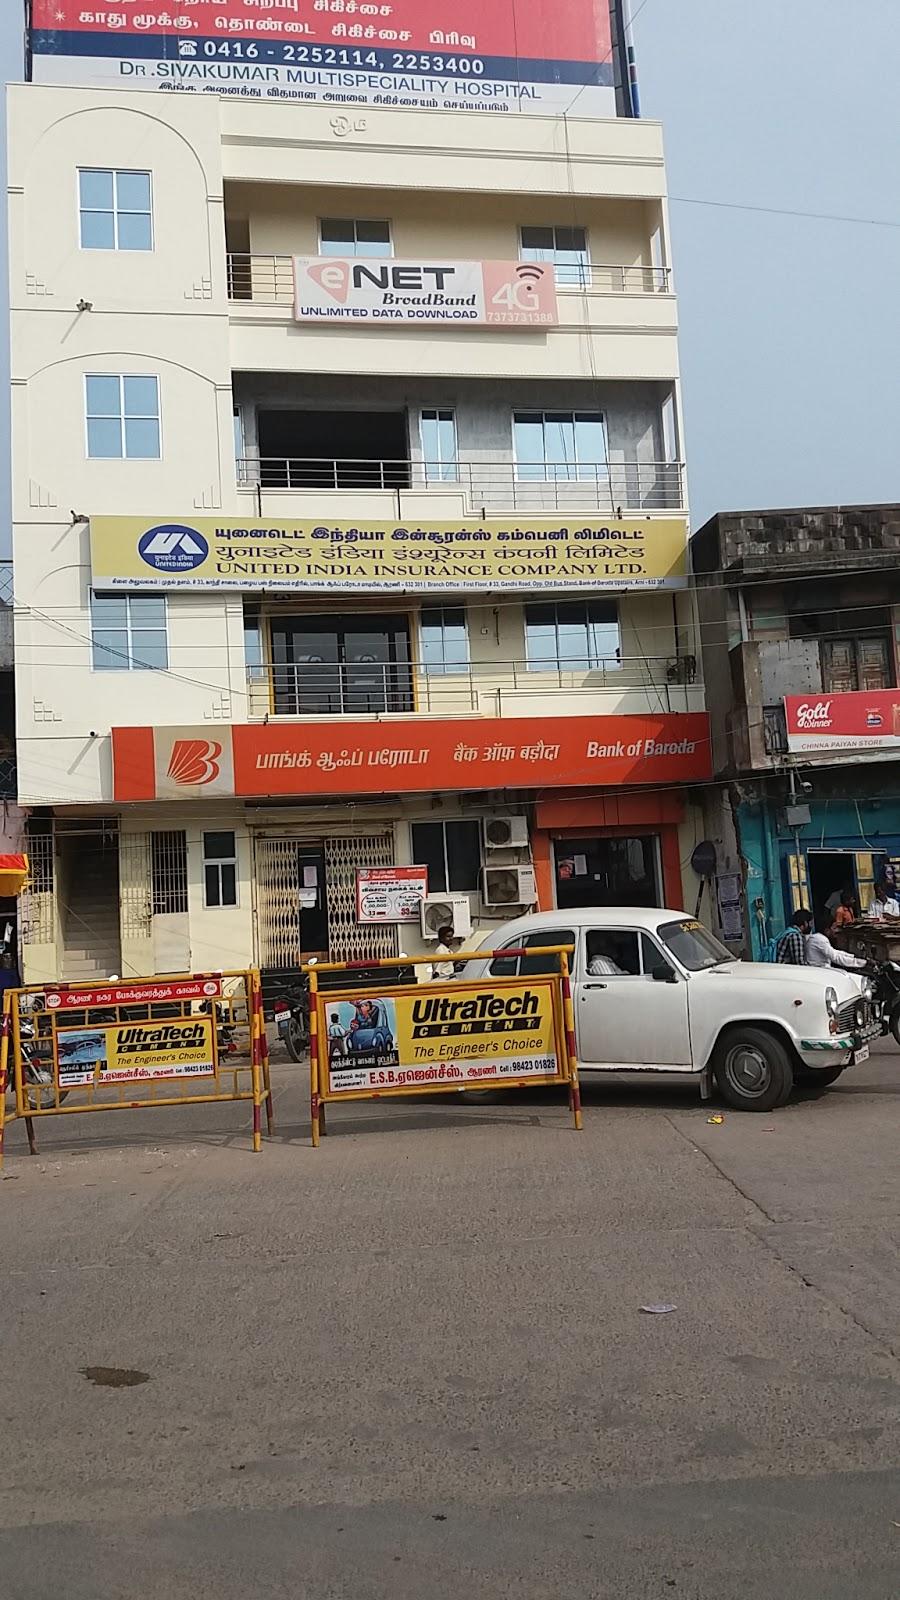 blood bank Bank Of Baroda near Arani Tamil Nadu